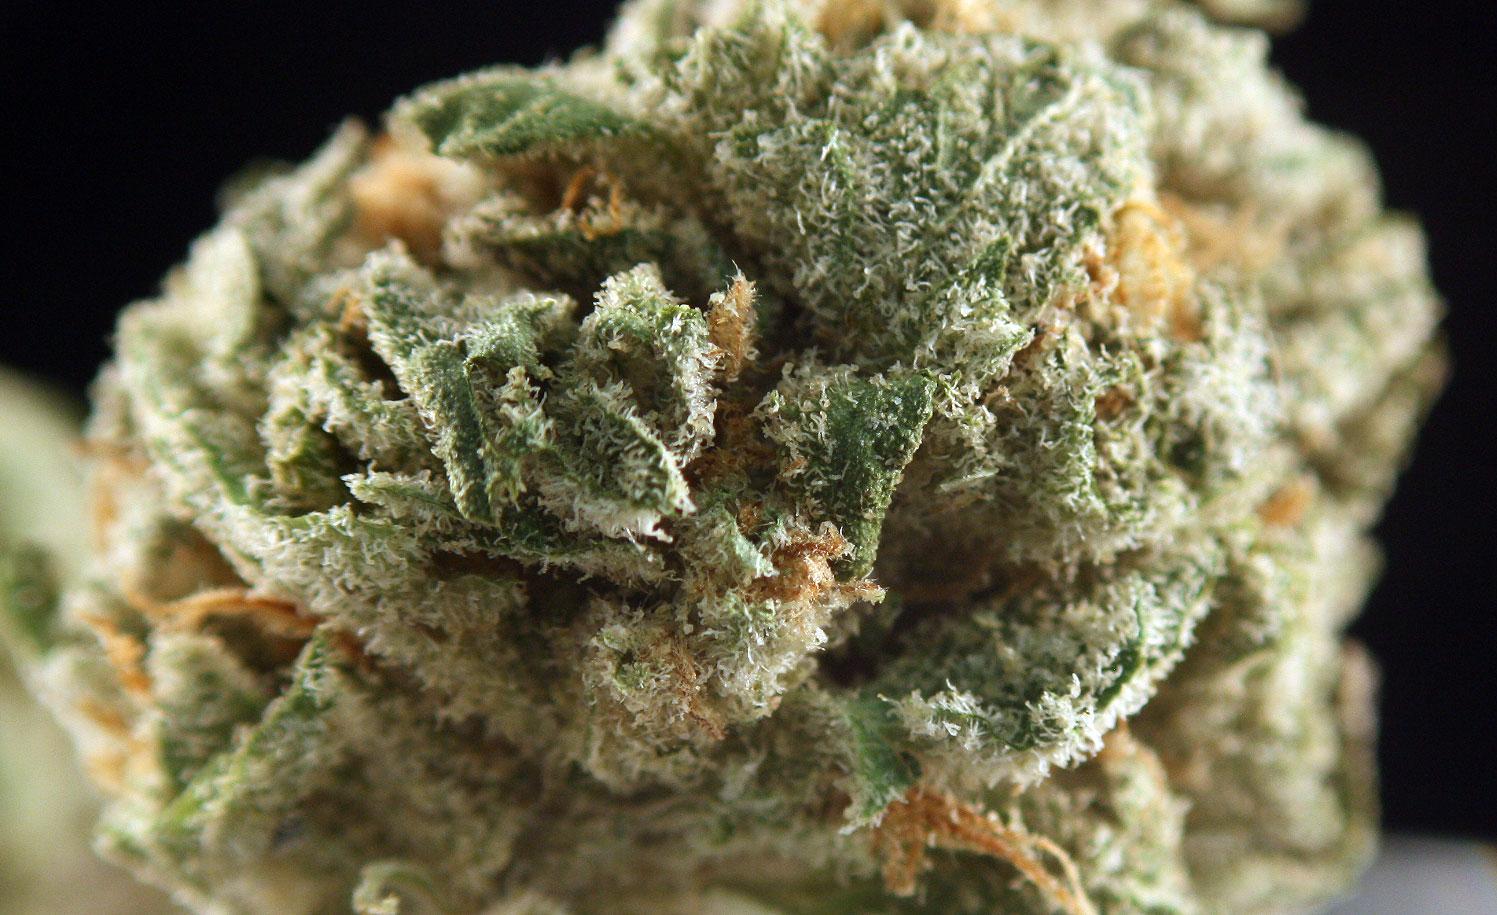 Tangerine Dream strain